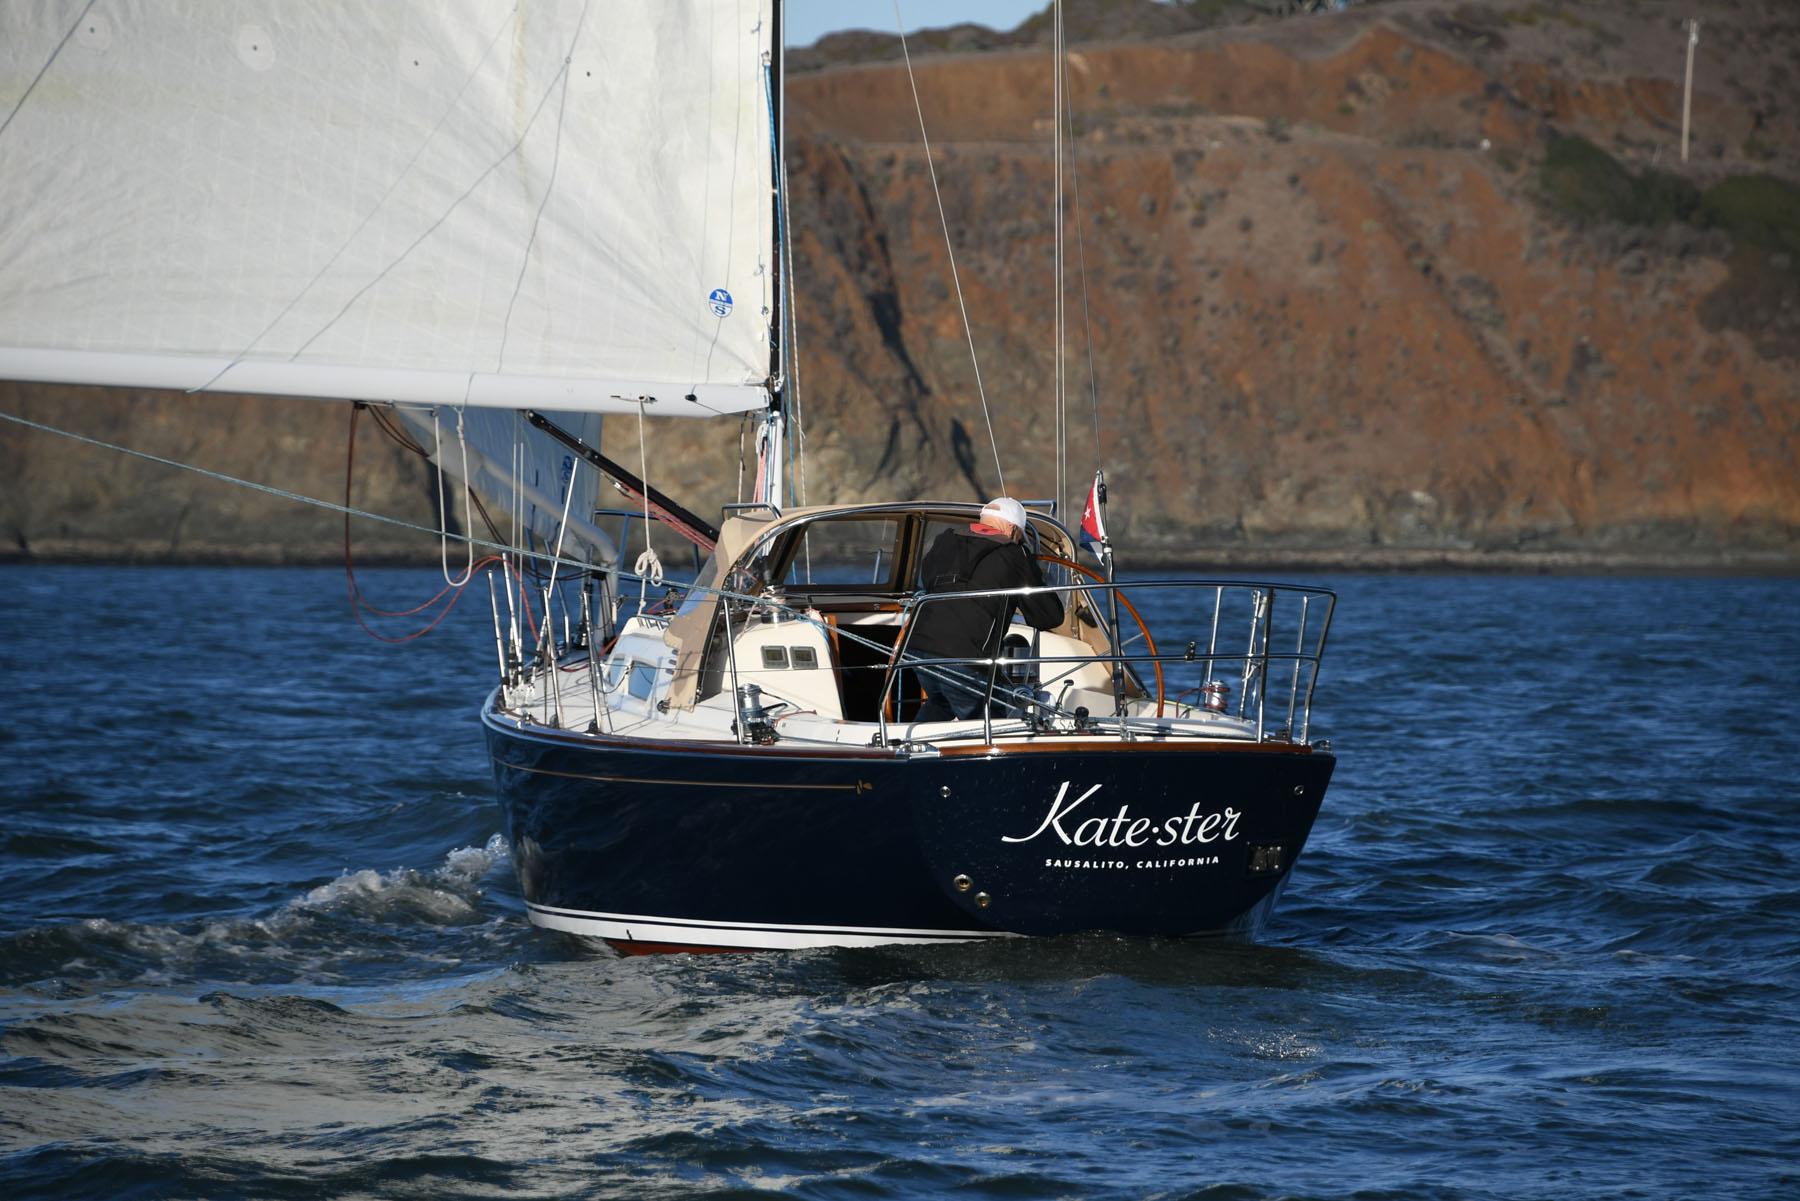 Solo sailing Katester